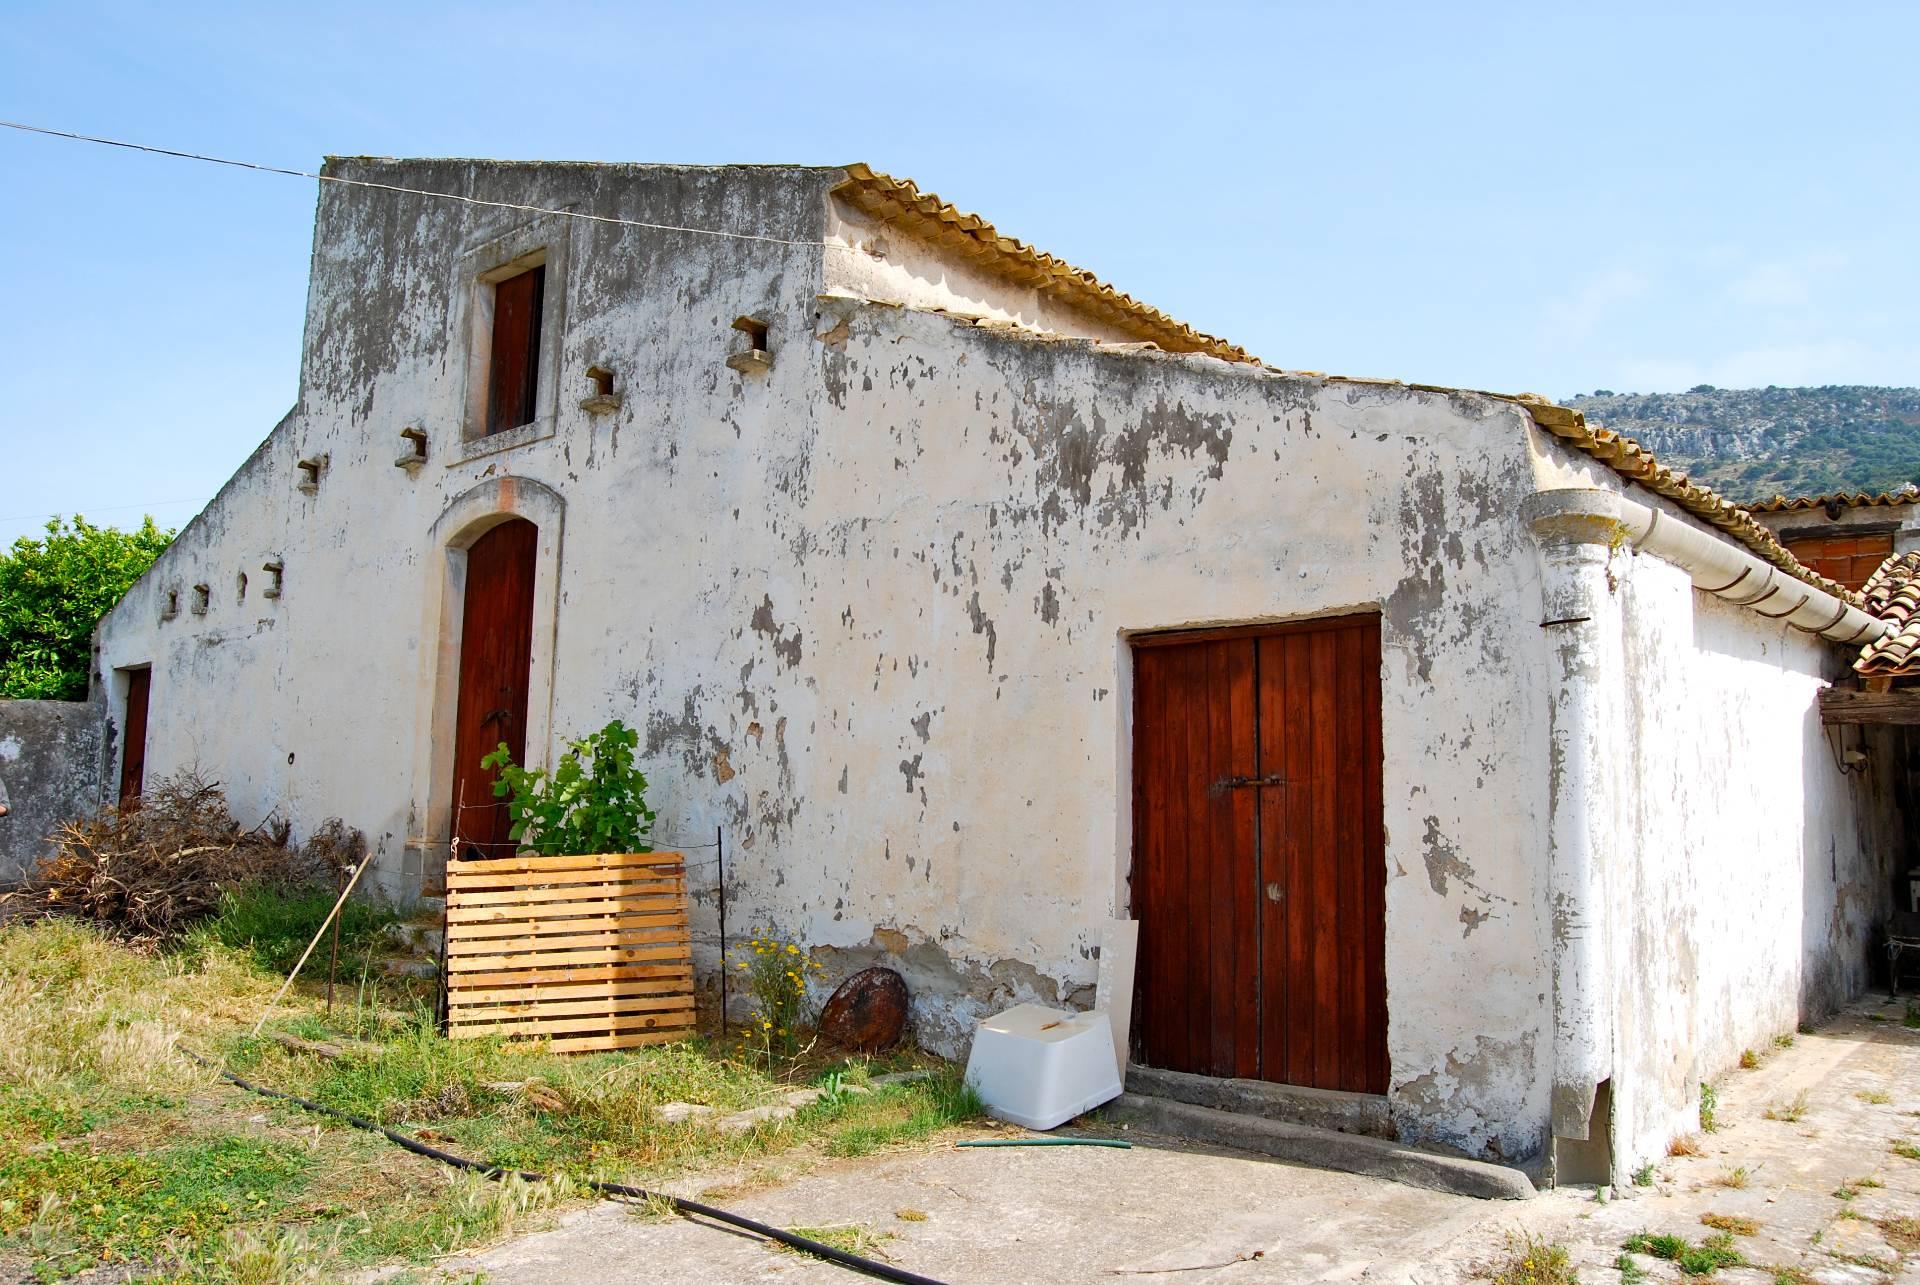 Rustico / Casale in vendita a Priolo Gargallo, 9999 locali, prezzo € 200.000 | CambioCasa.it